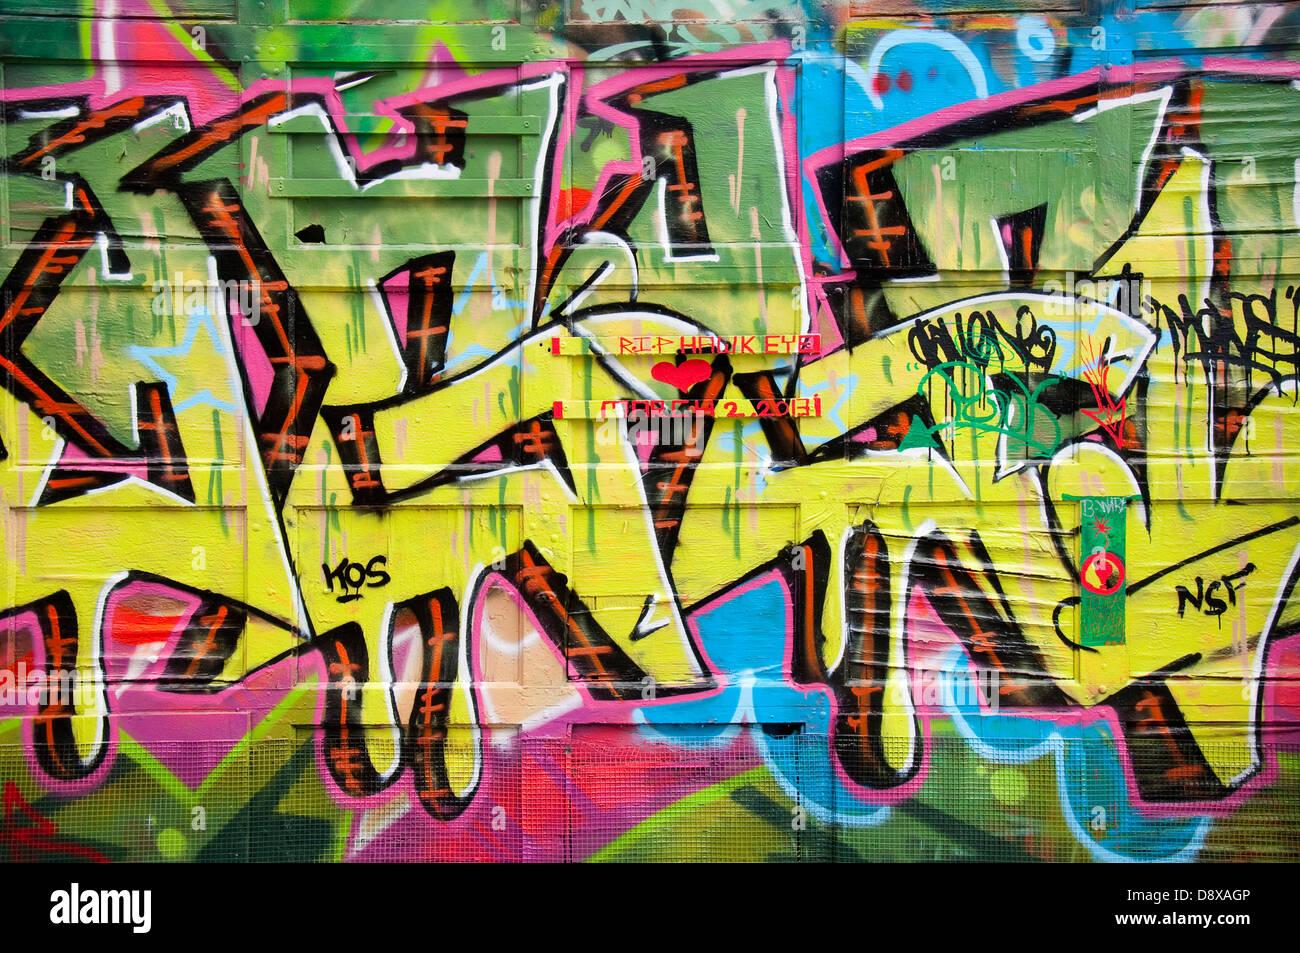 Graffiti vicolo in Baltimore, Maryland, Stati Uniti d'America Immagini Stock